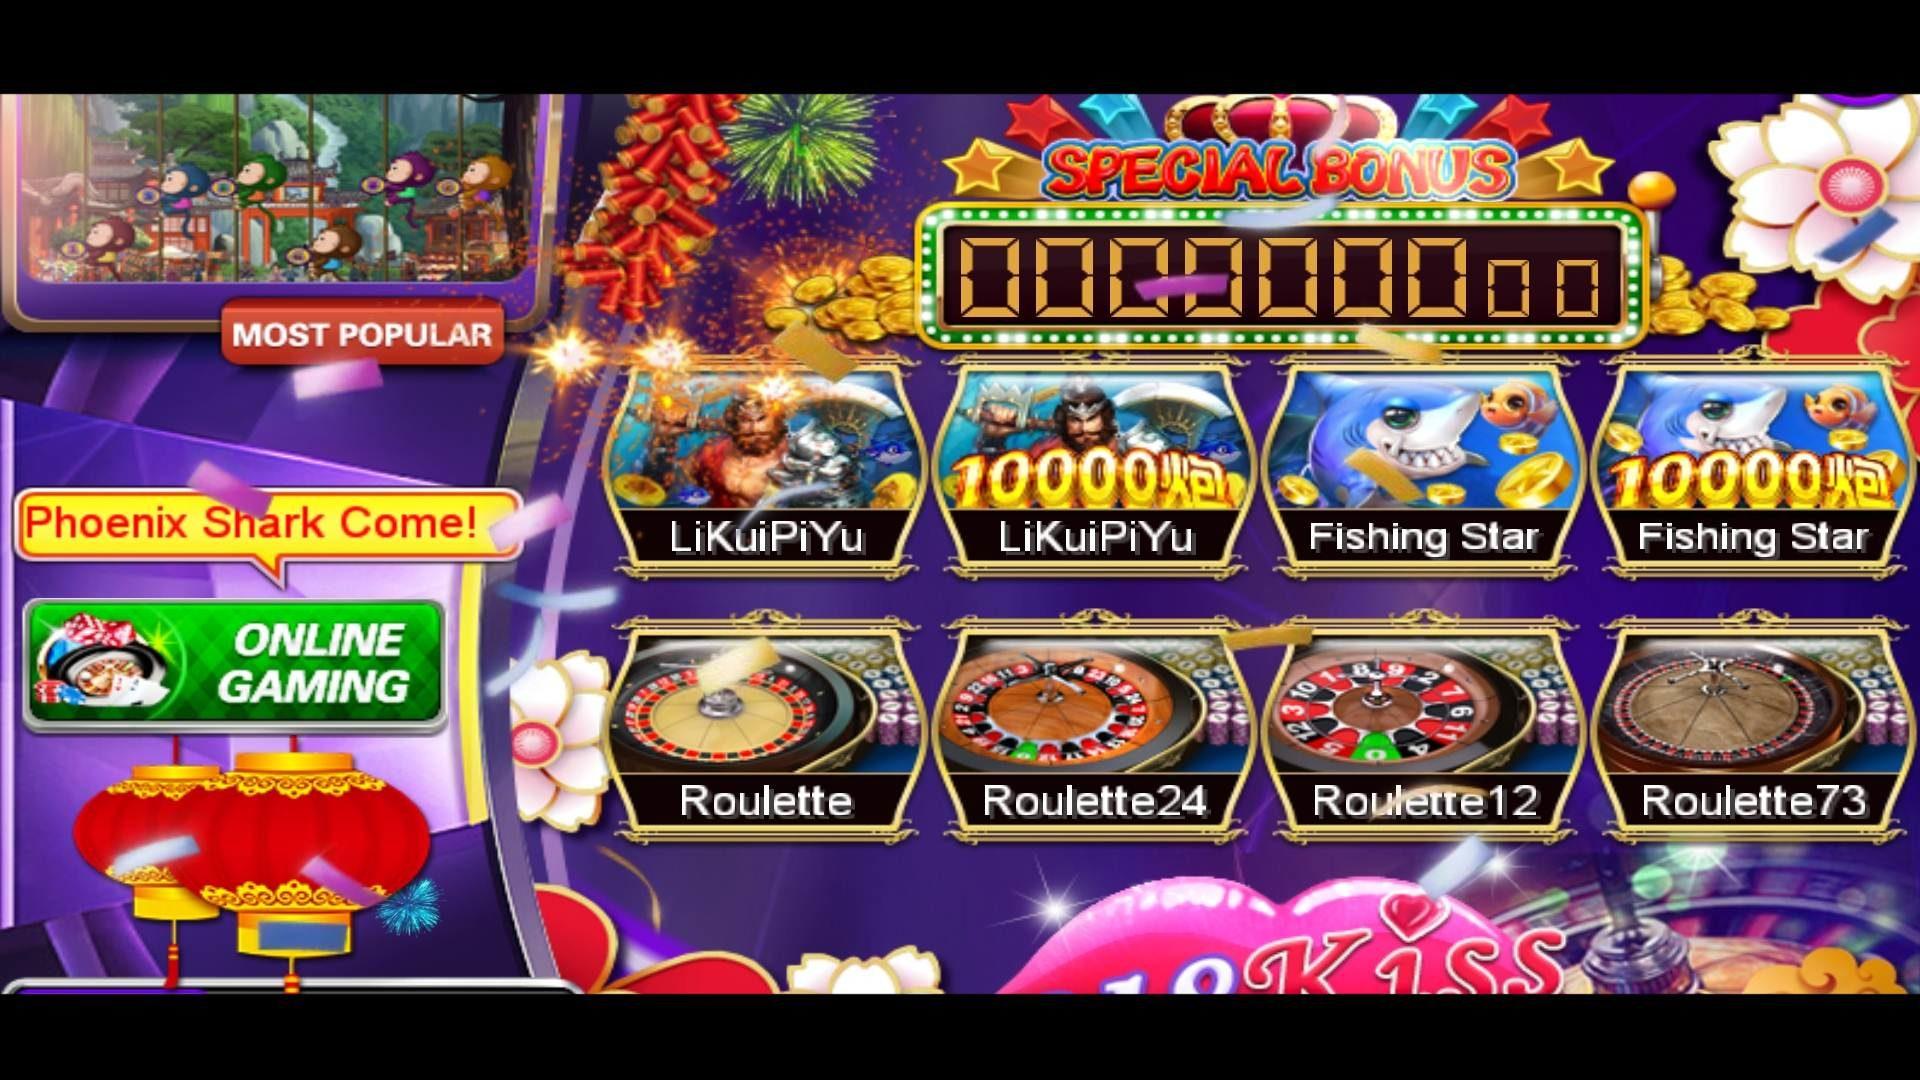 918kiss-plus-situs-judi-slot-games-online-terpercaya-indonesia-2020